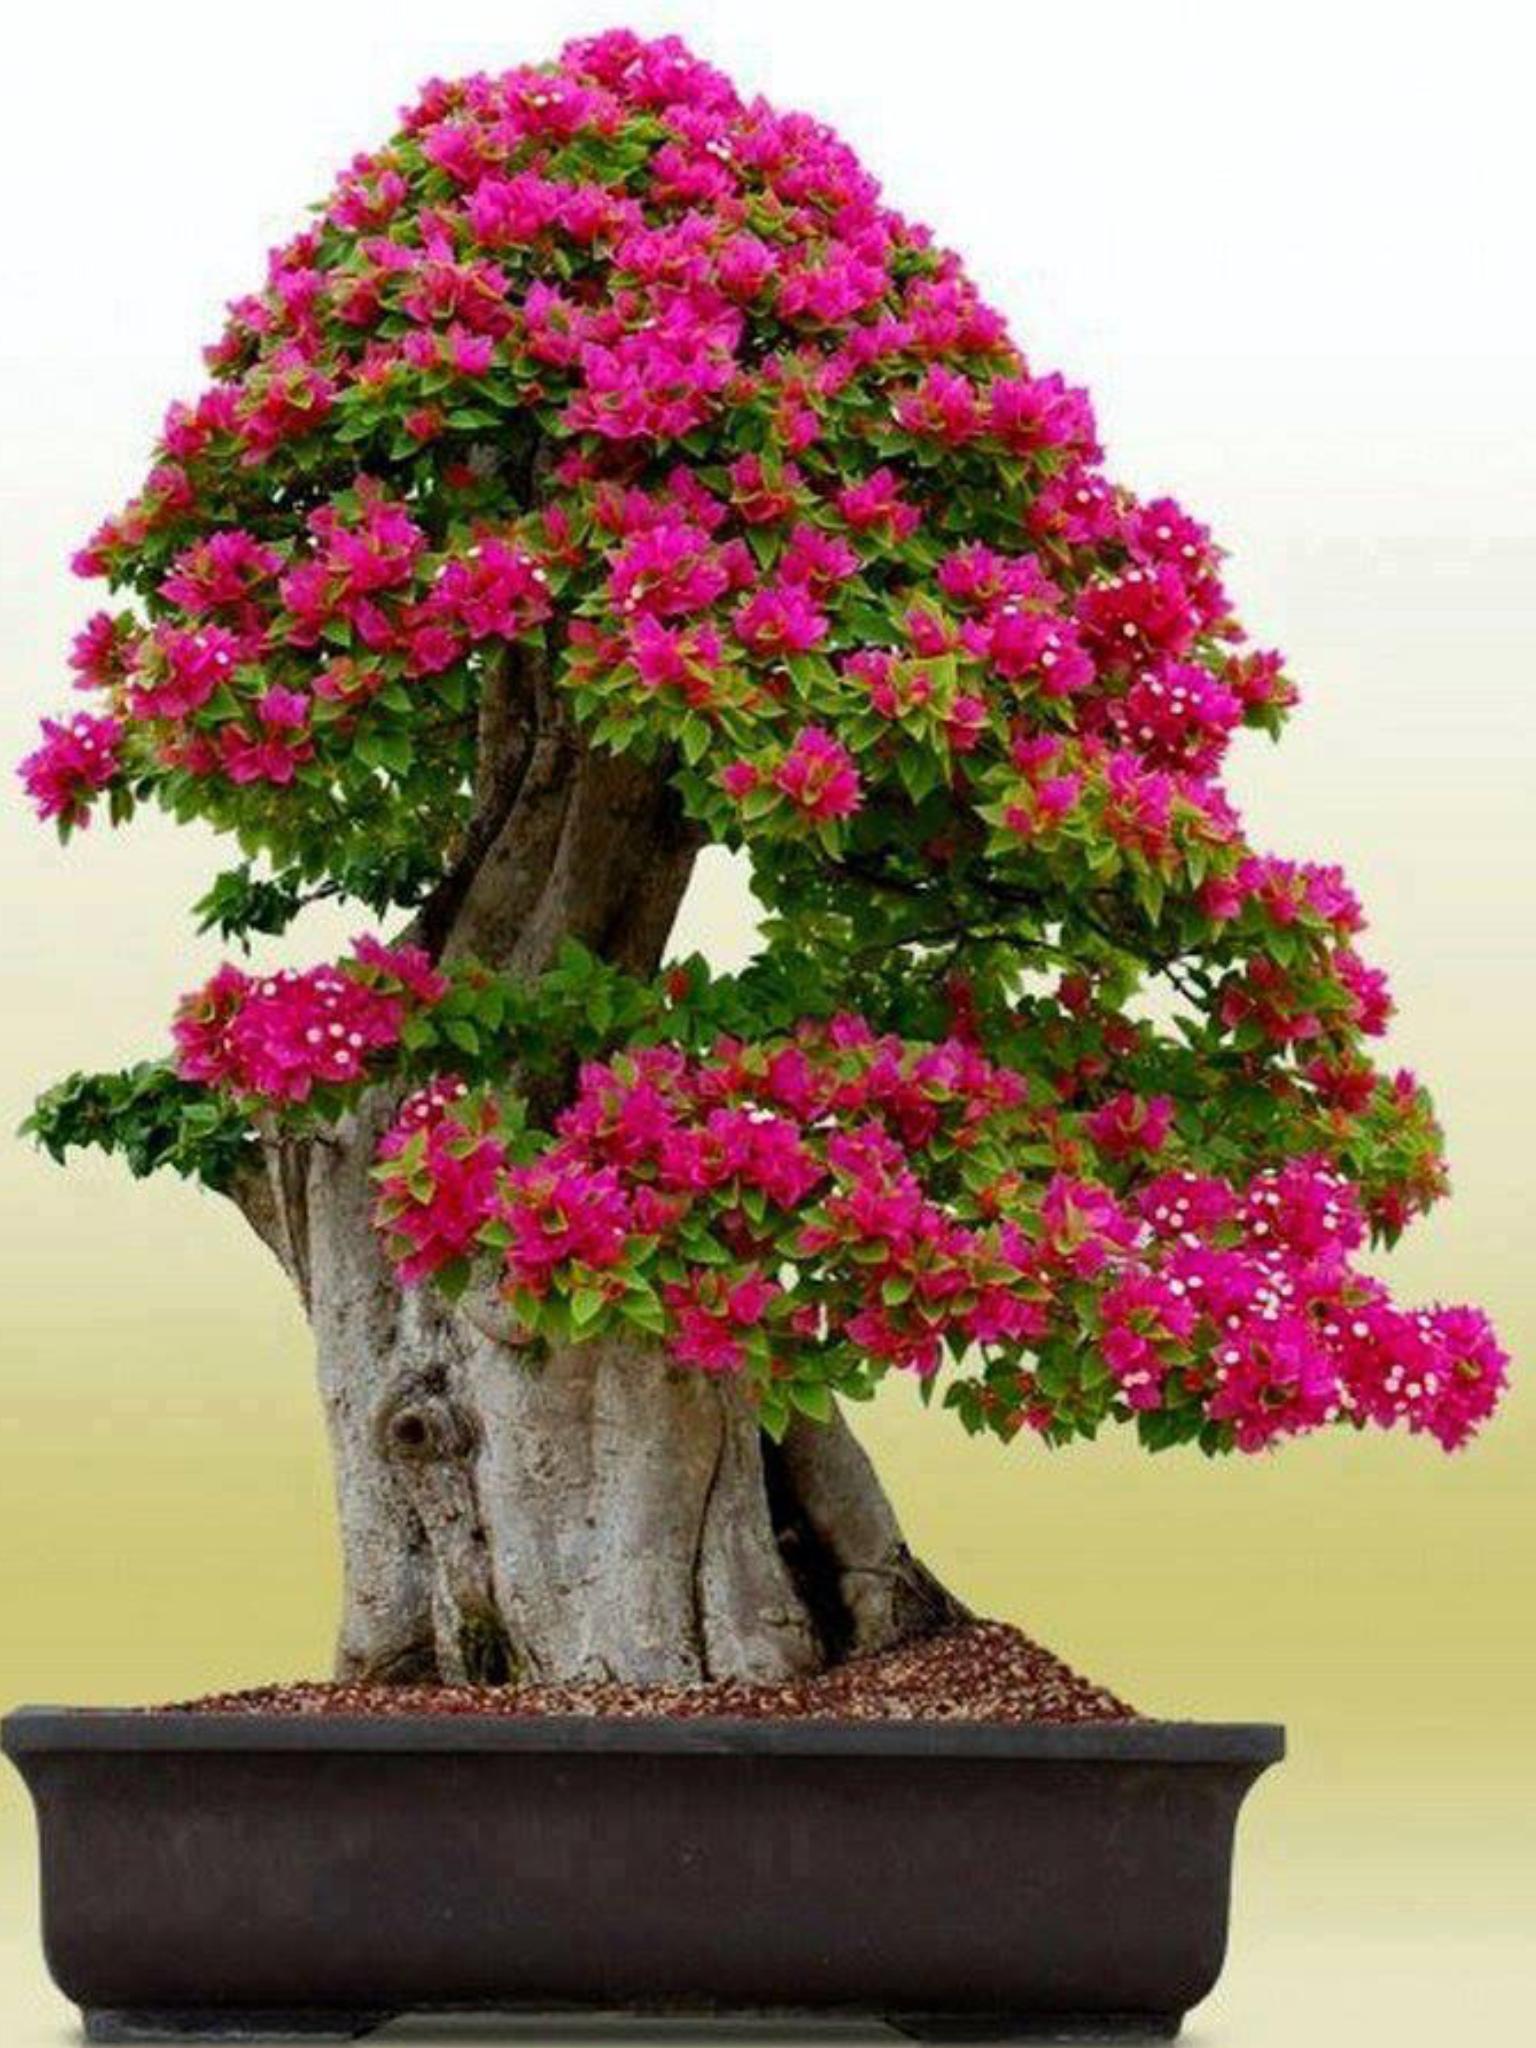 Bonsai Bougainvillea Bonsai Bonsai Tree Flowering Bonsai Tree